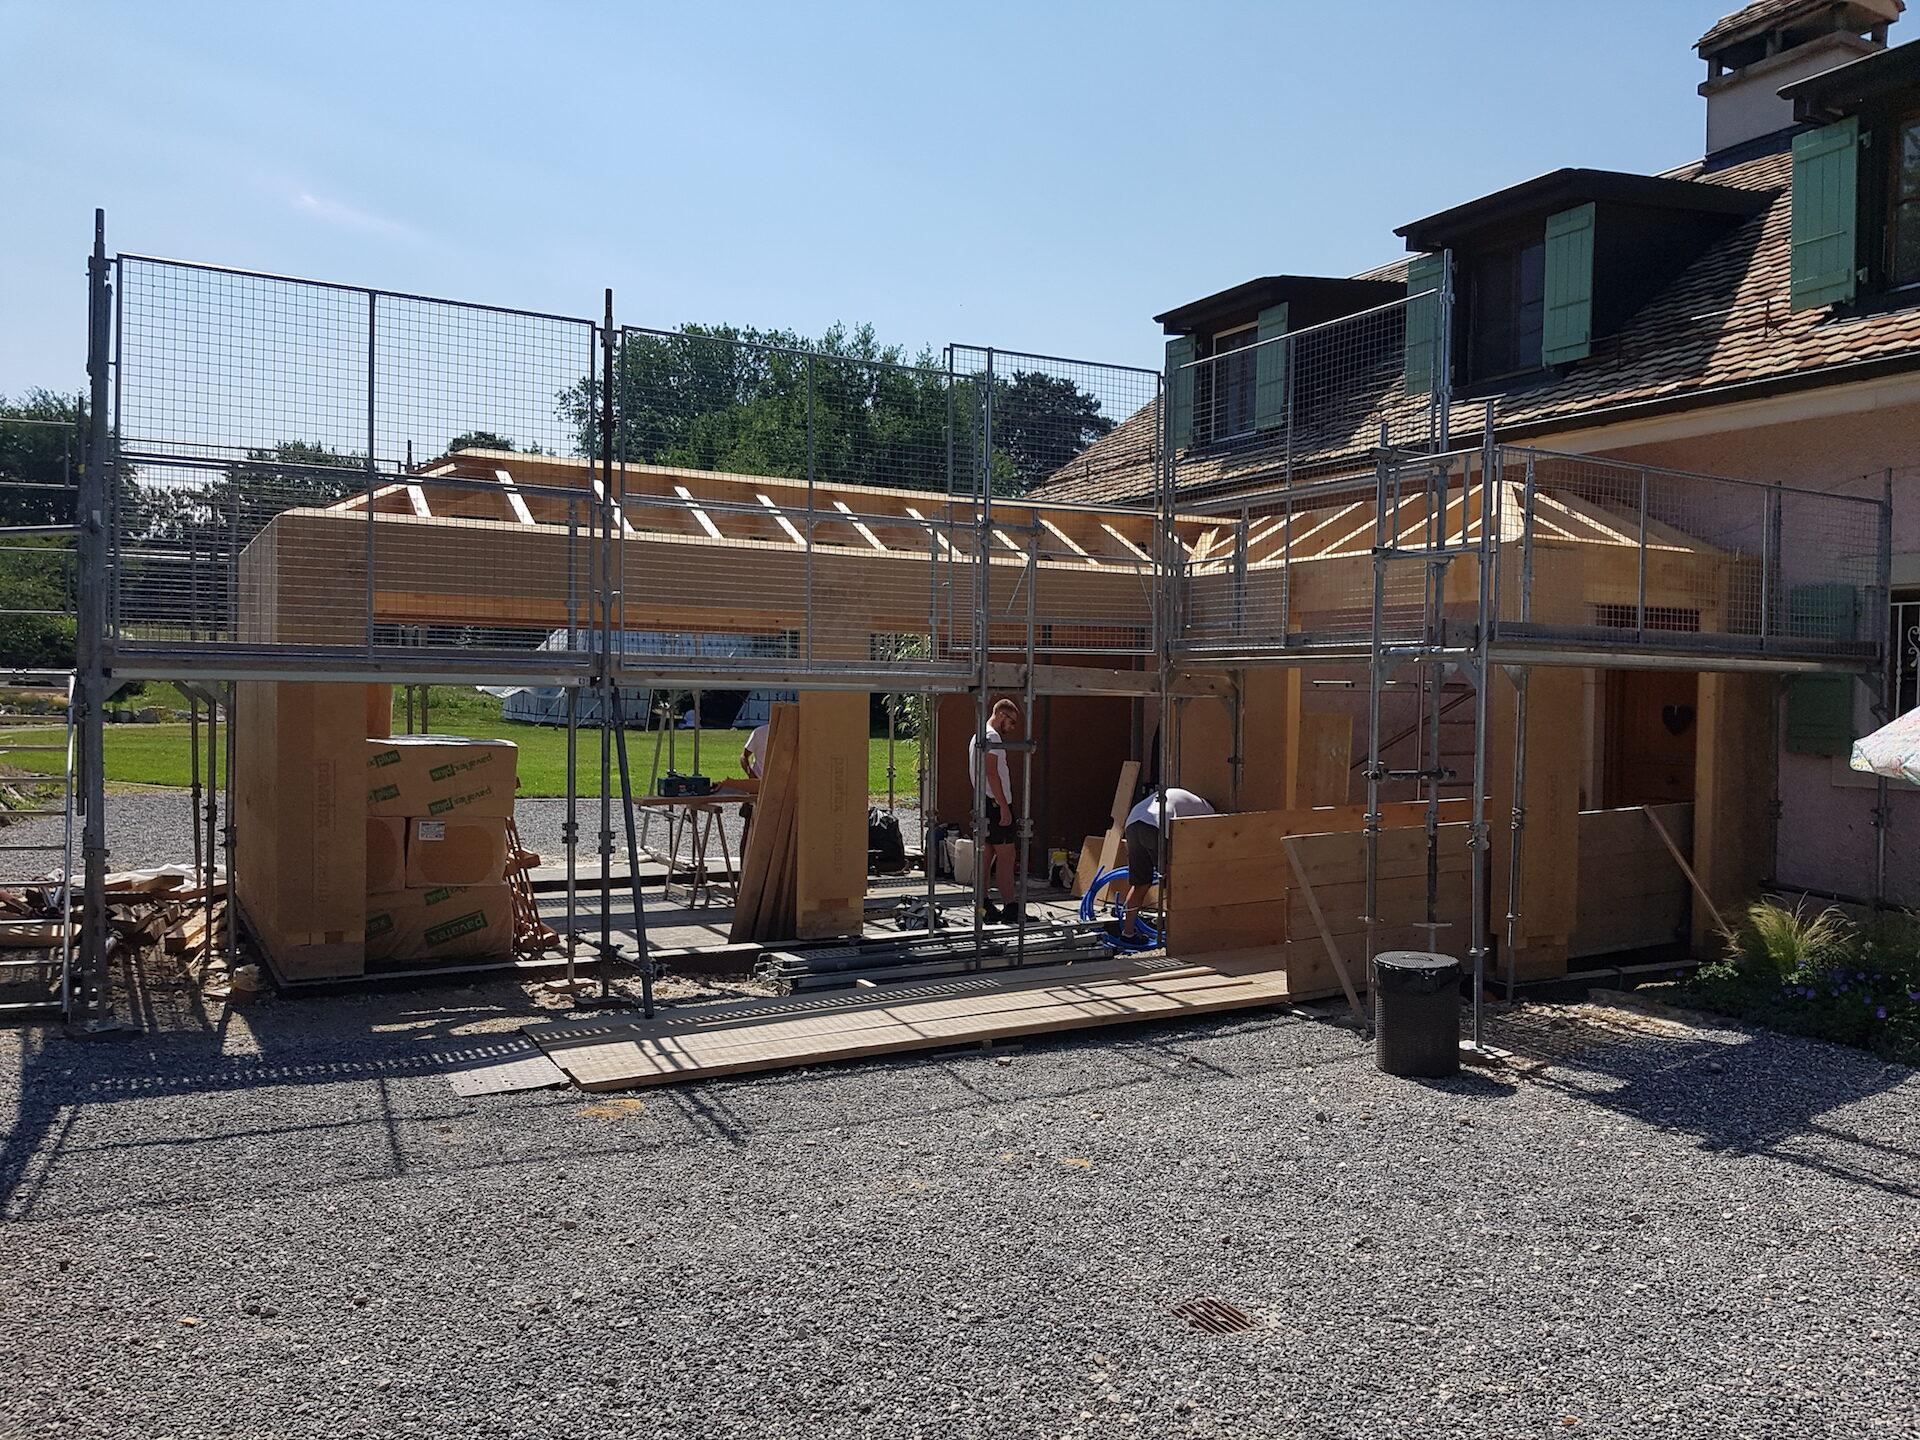 CSDK Construction préfabriquée en bois 4 1920x1440 - Engagement durable - CSDK Construction préfabriquée en bois 4 1920x1440